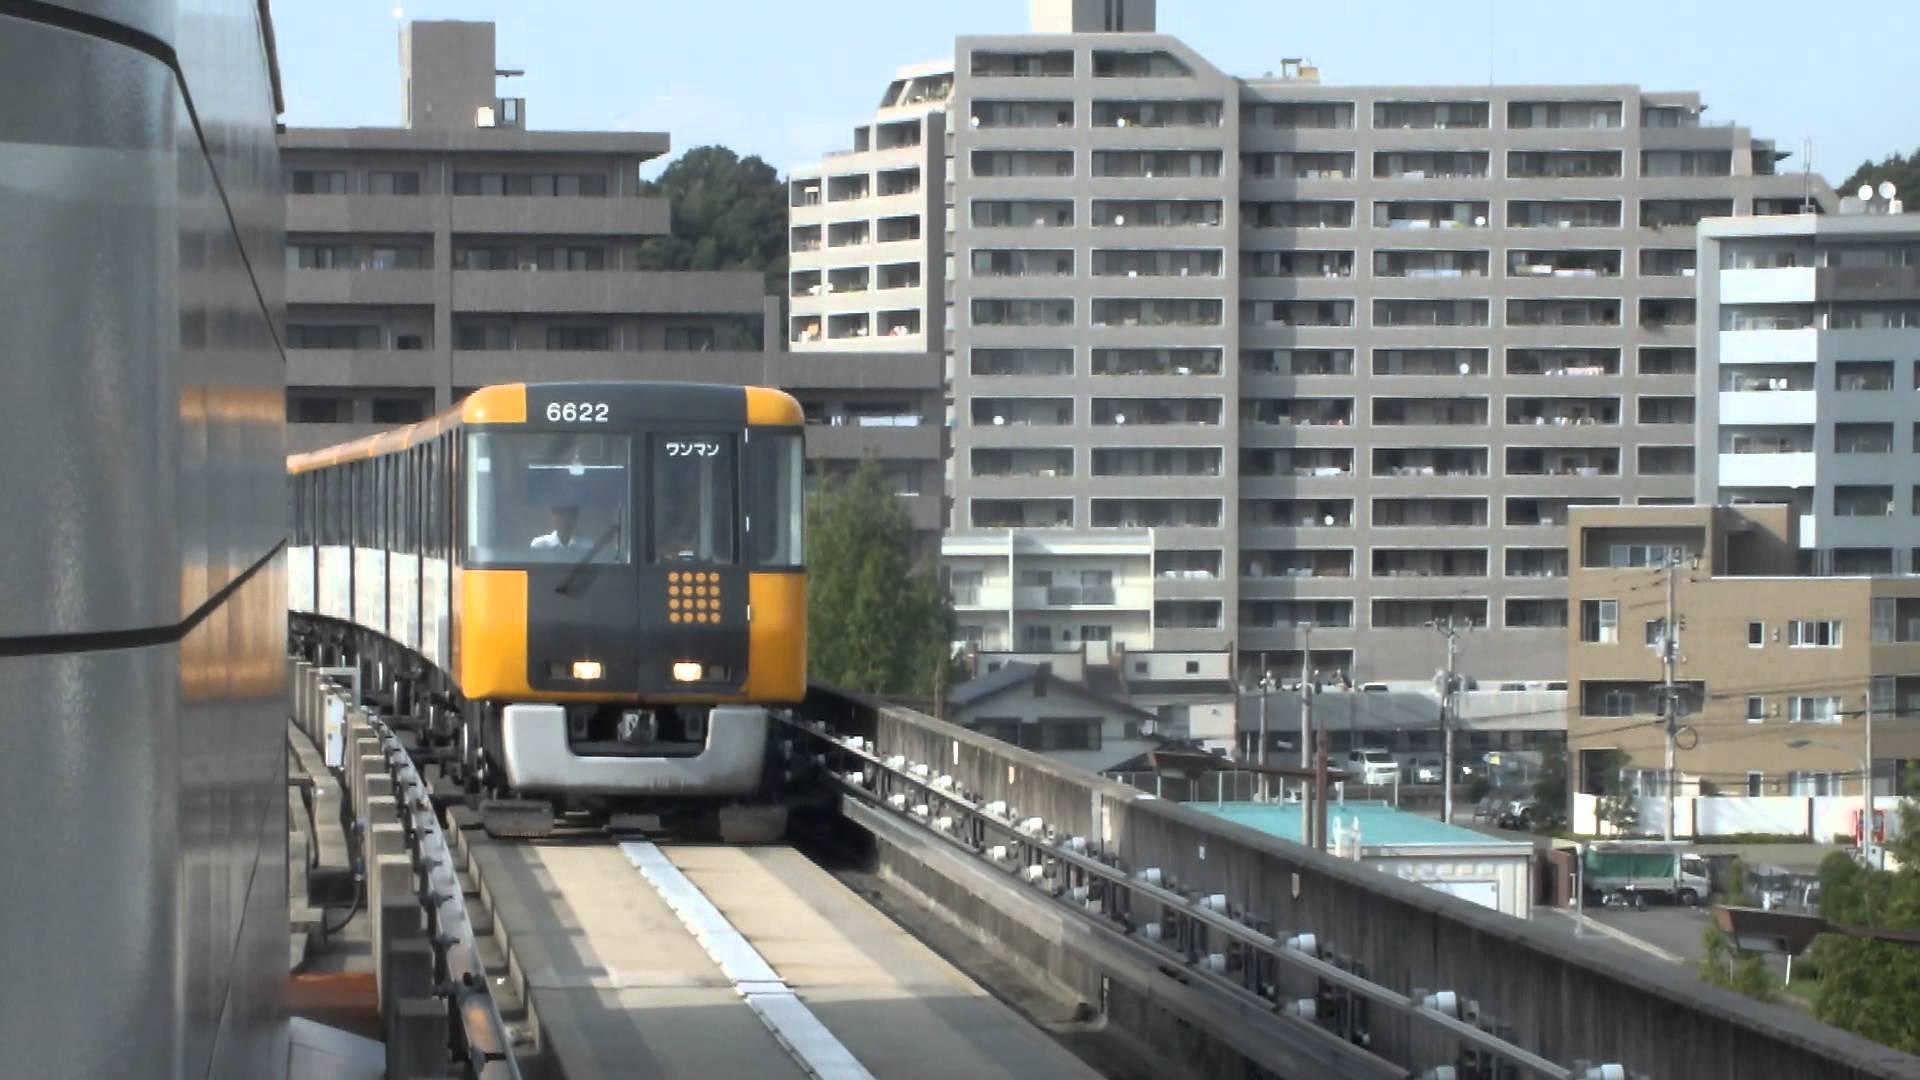 広島アストラムライン橋桁落下事故の噂